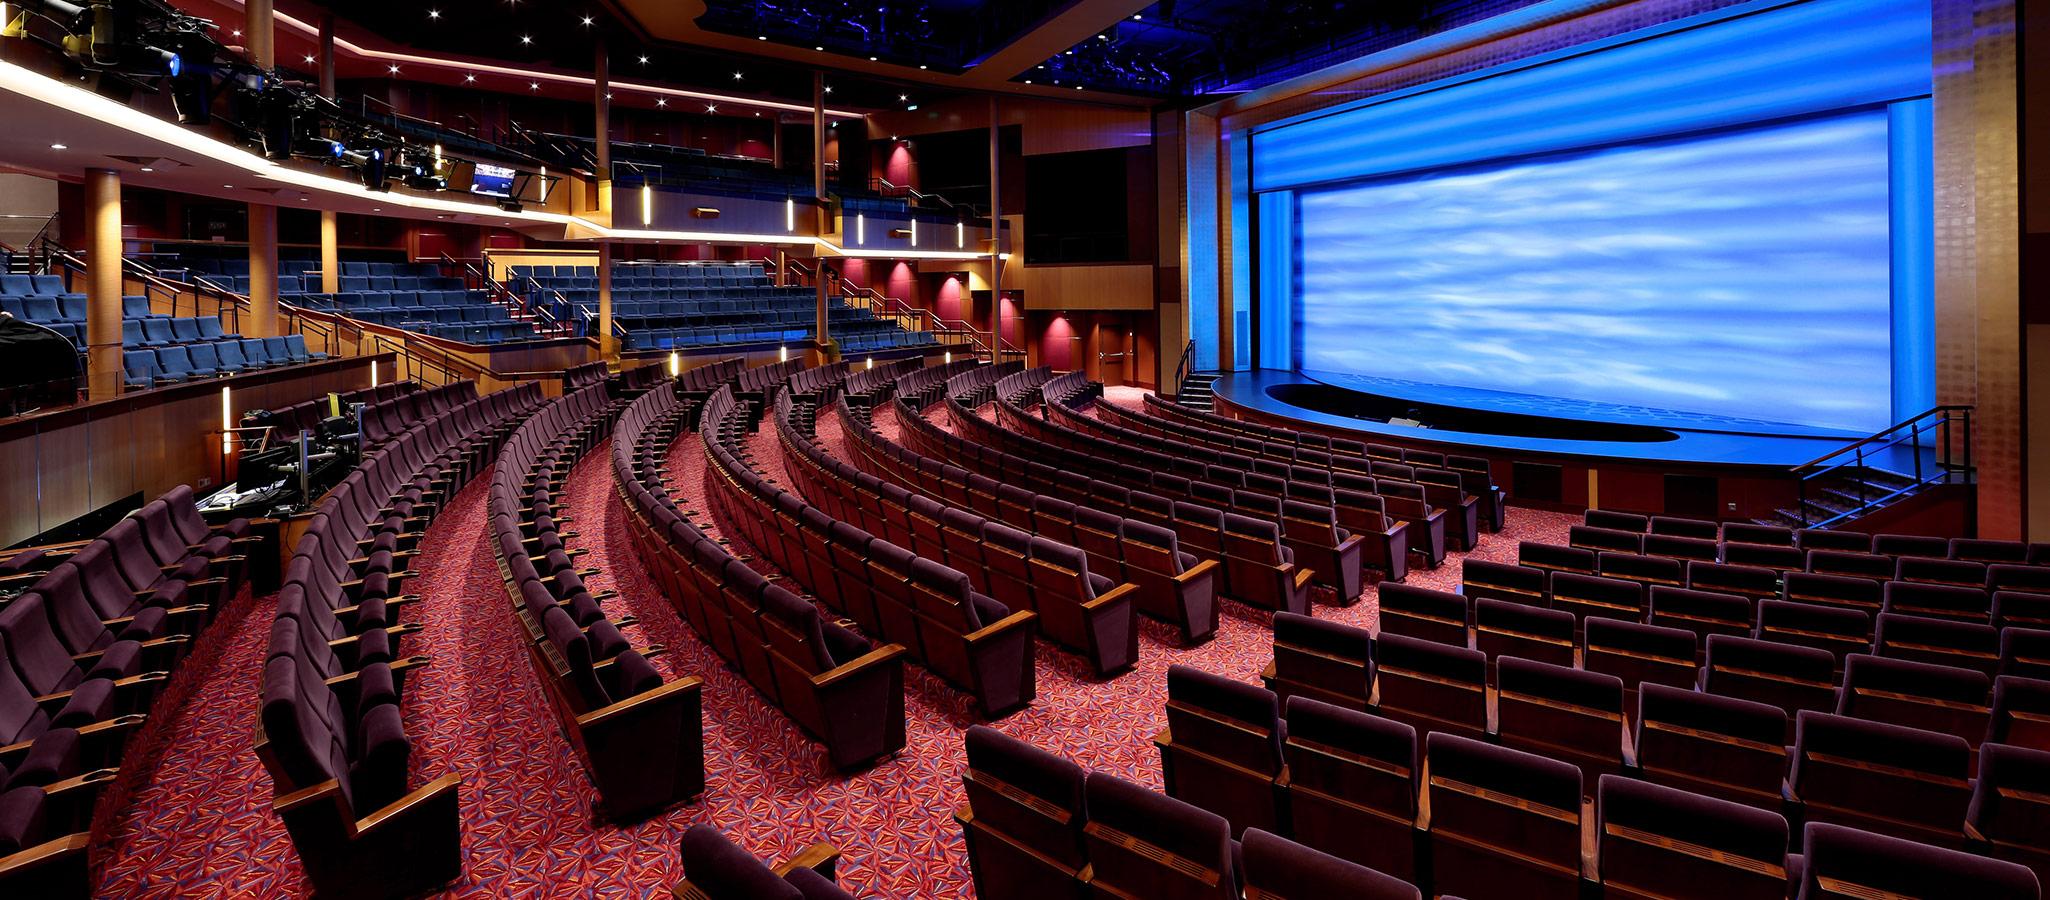 Ihre Tagung oder Konferenz lässt sich an Bord perfekt in Szene setzen. Die High-Tech-Ausstattung für audio-visuelles Vergnügen ist dabei im Charterpreis enthalten.